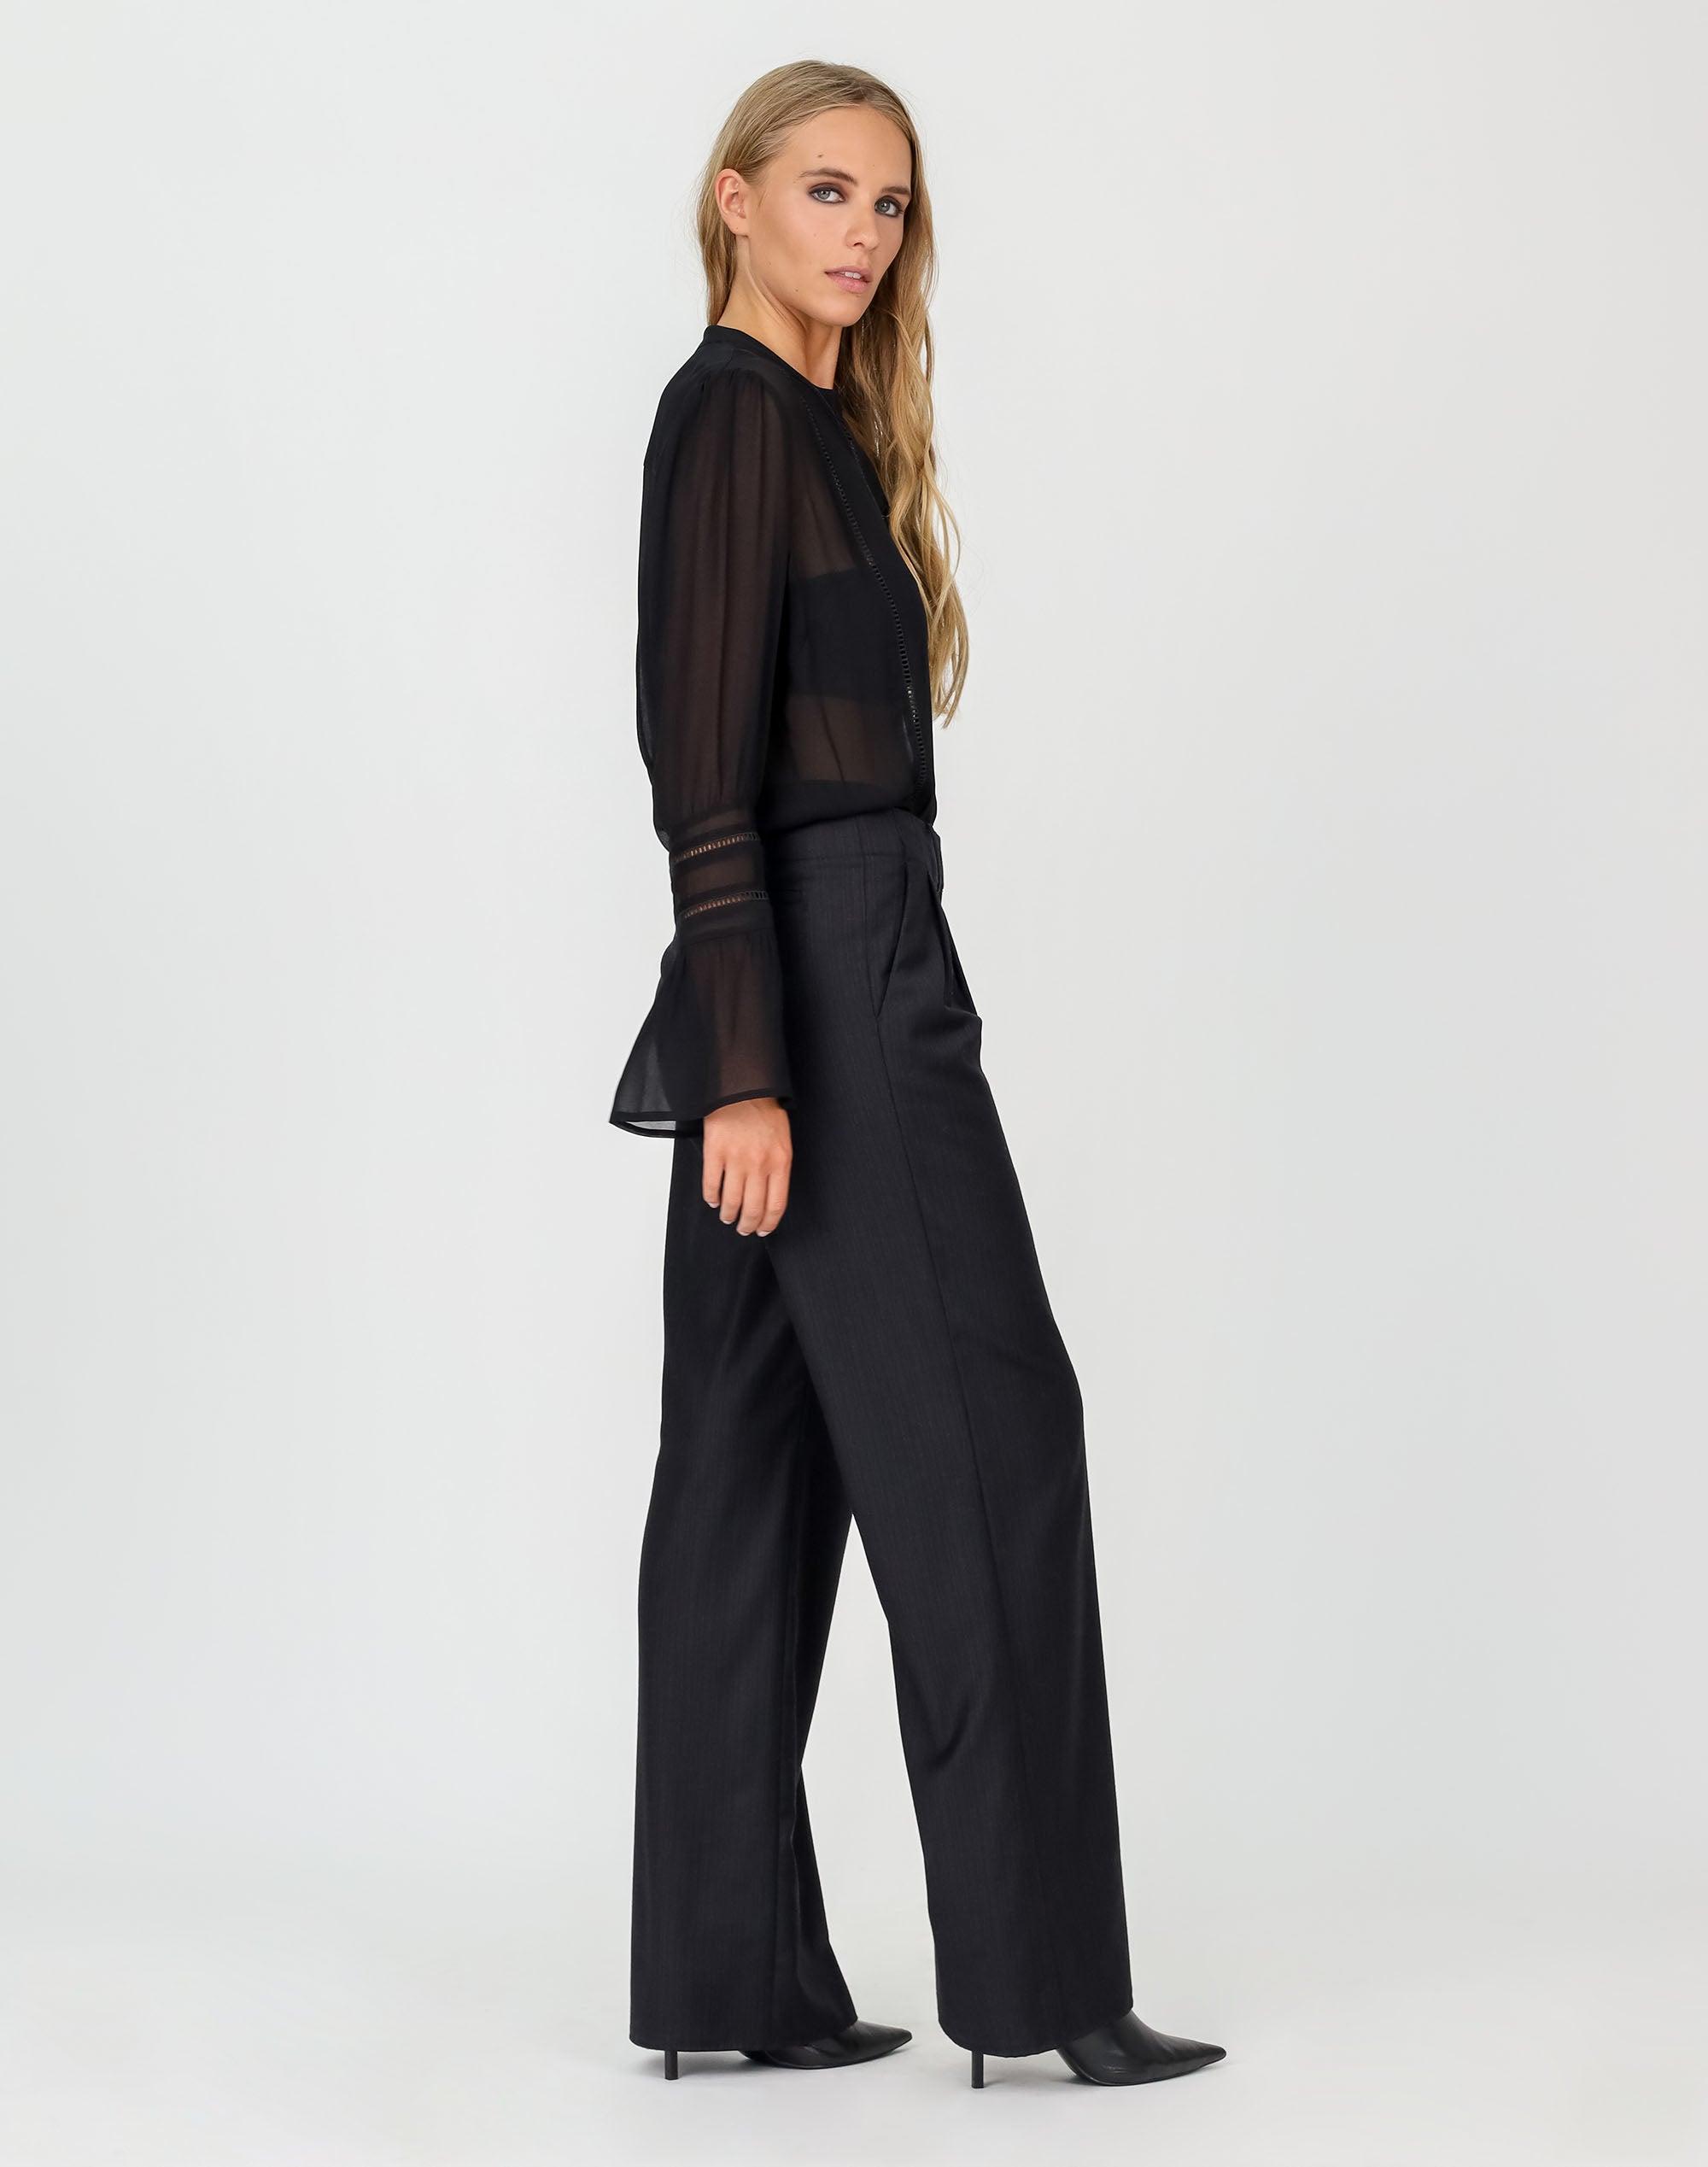 Parisia Ladder Shirt